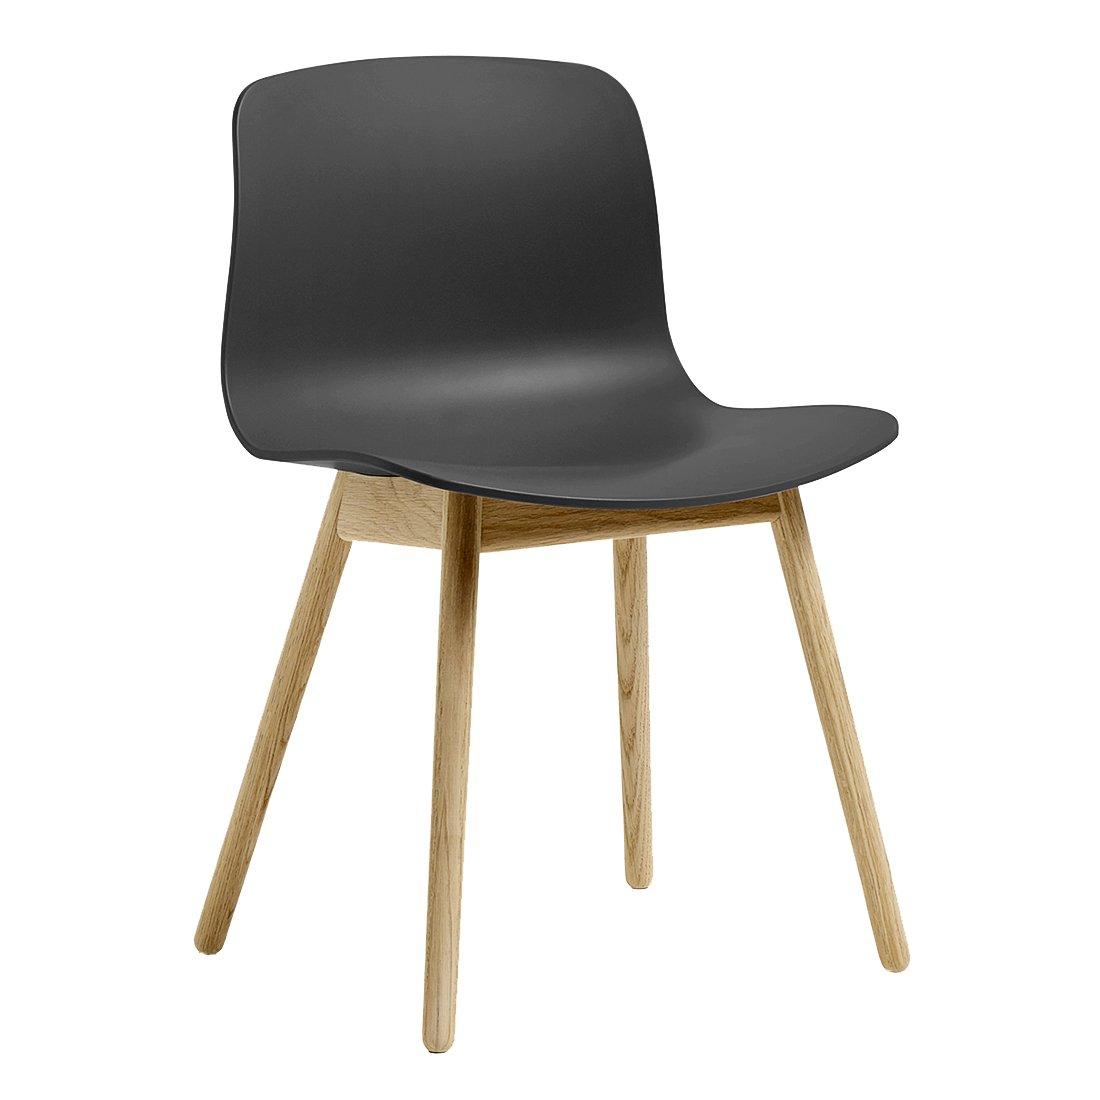 HAY About A Chair AAC 12 Stoel Naturel Gelakt Soft Zwart